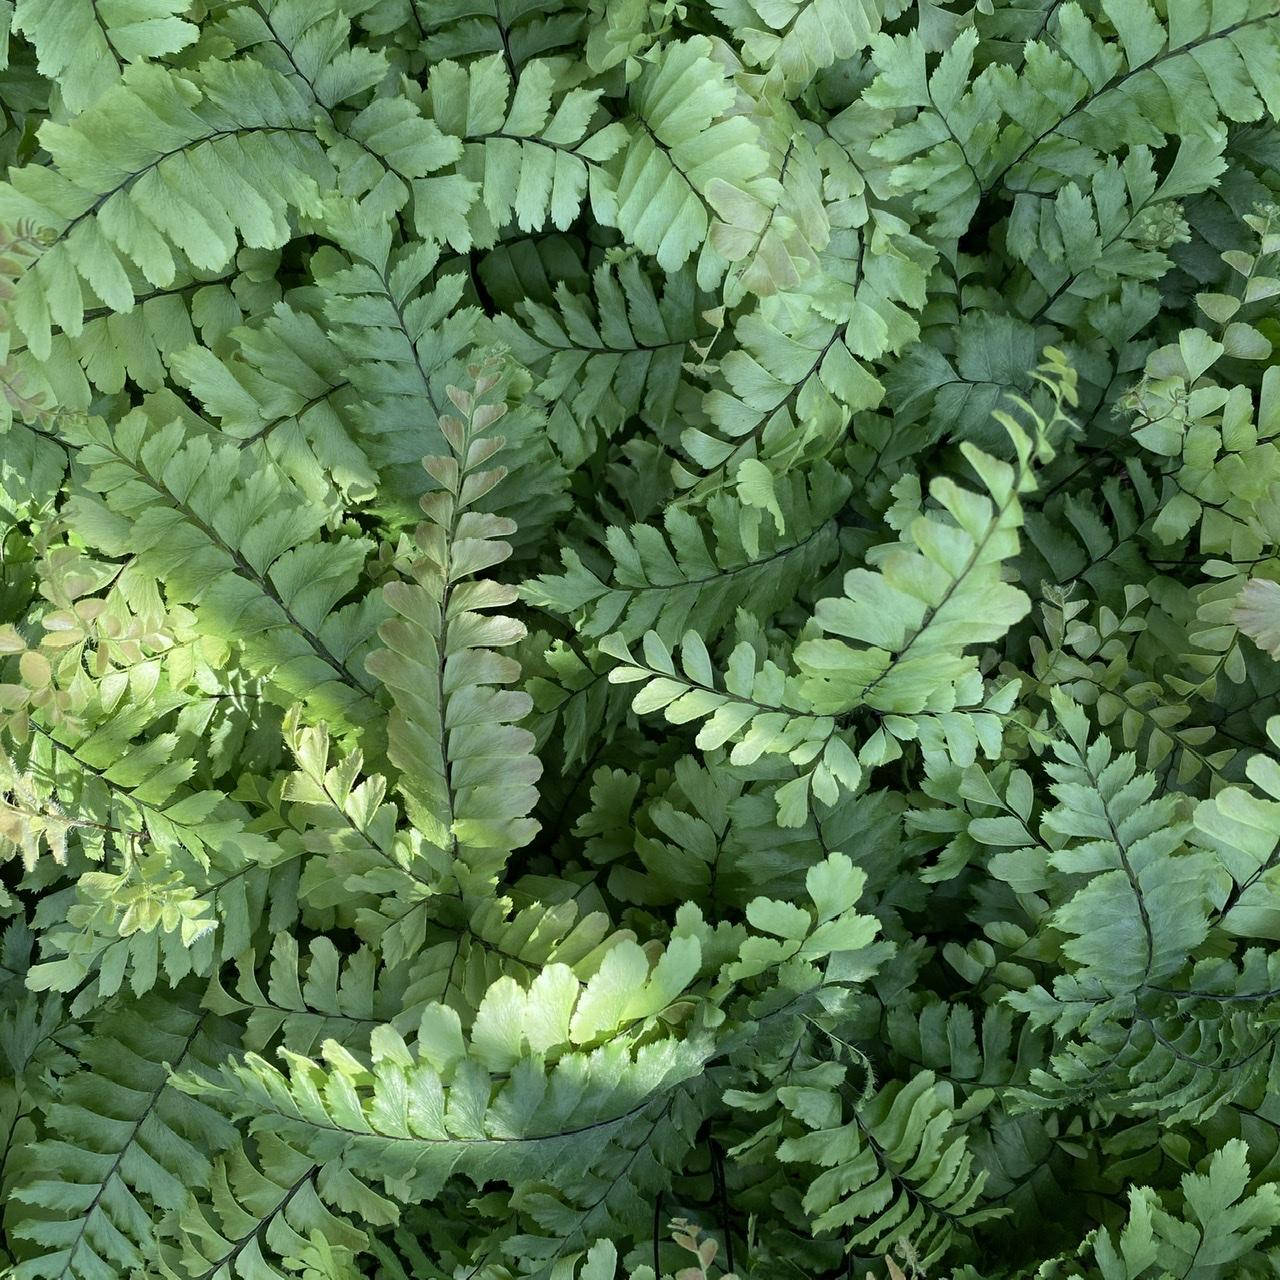 Adiantum hispidulum (Rough Maidenhair Fern)